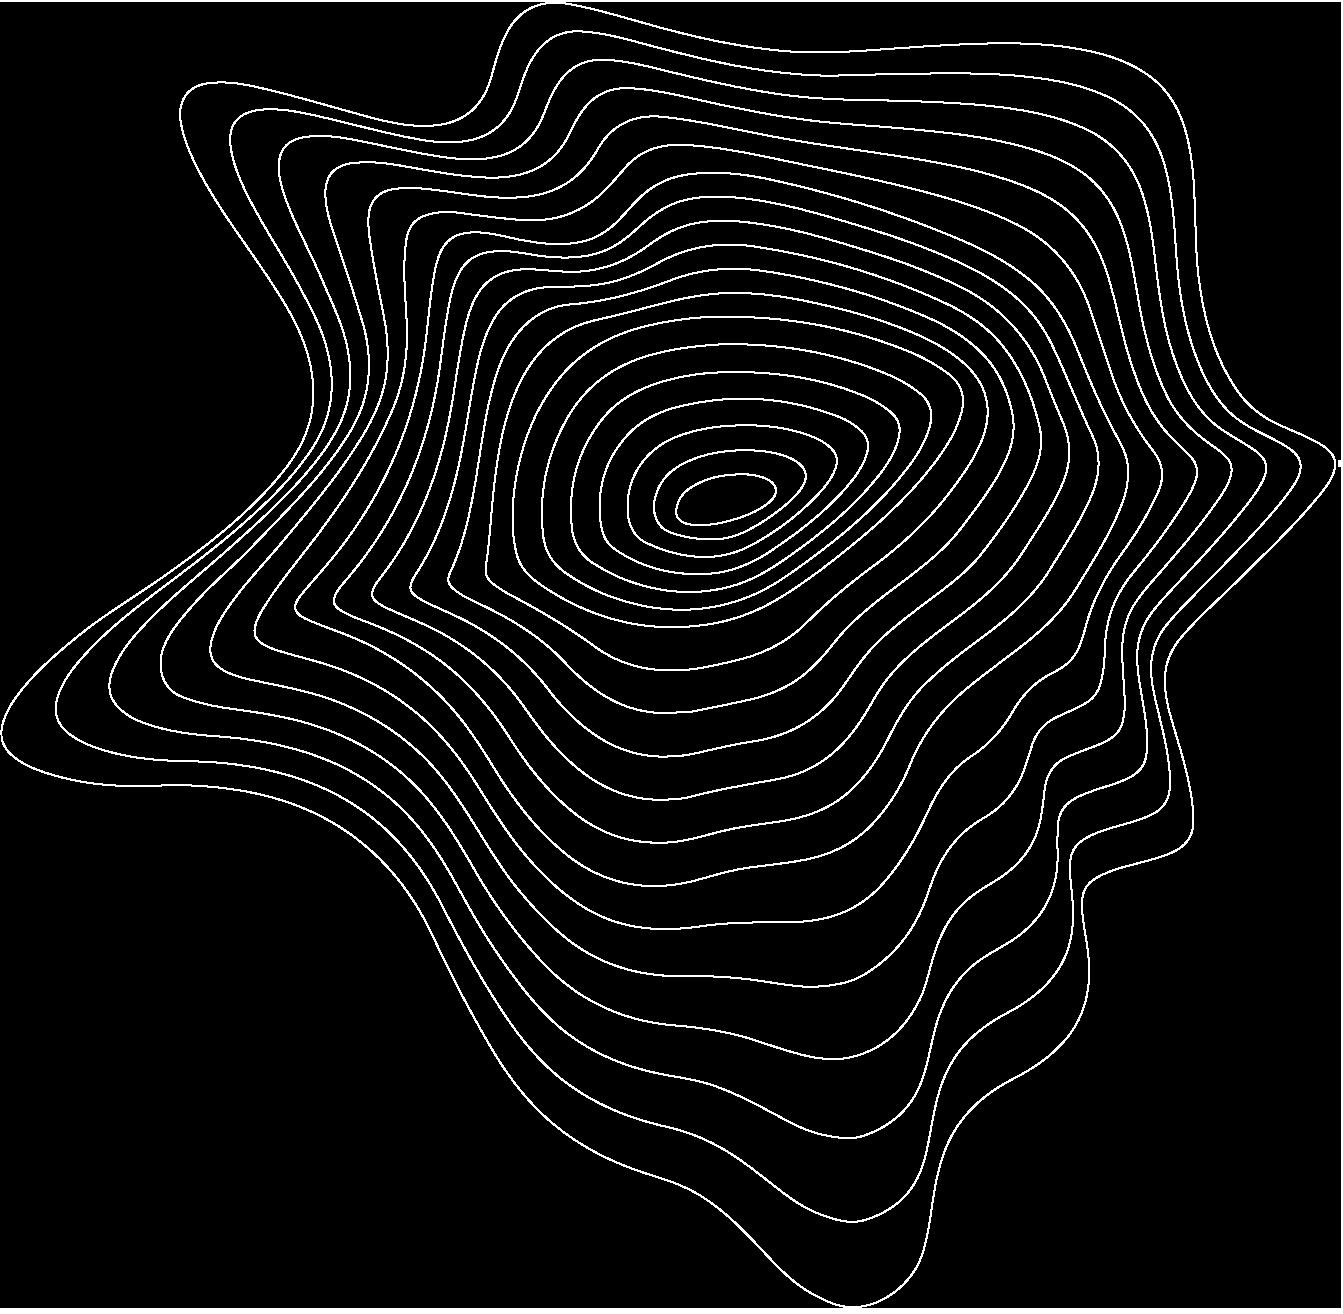 image-51